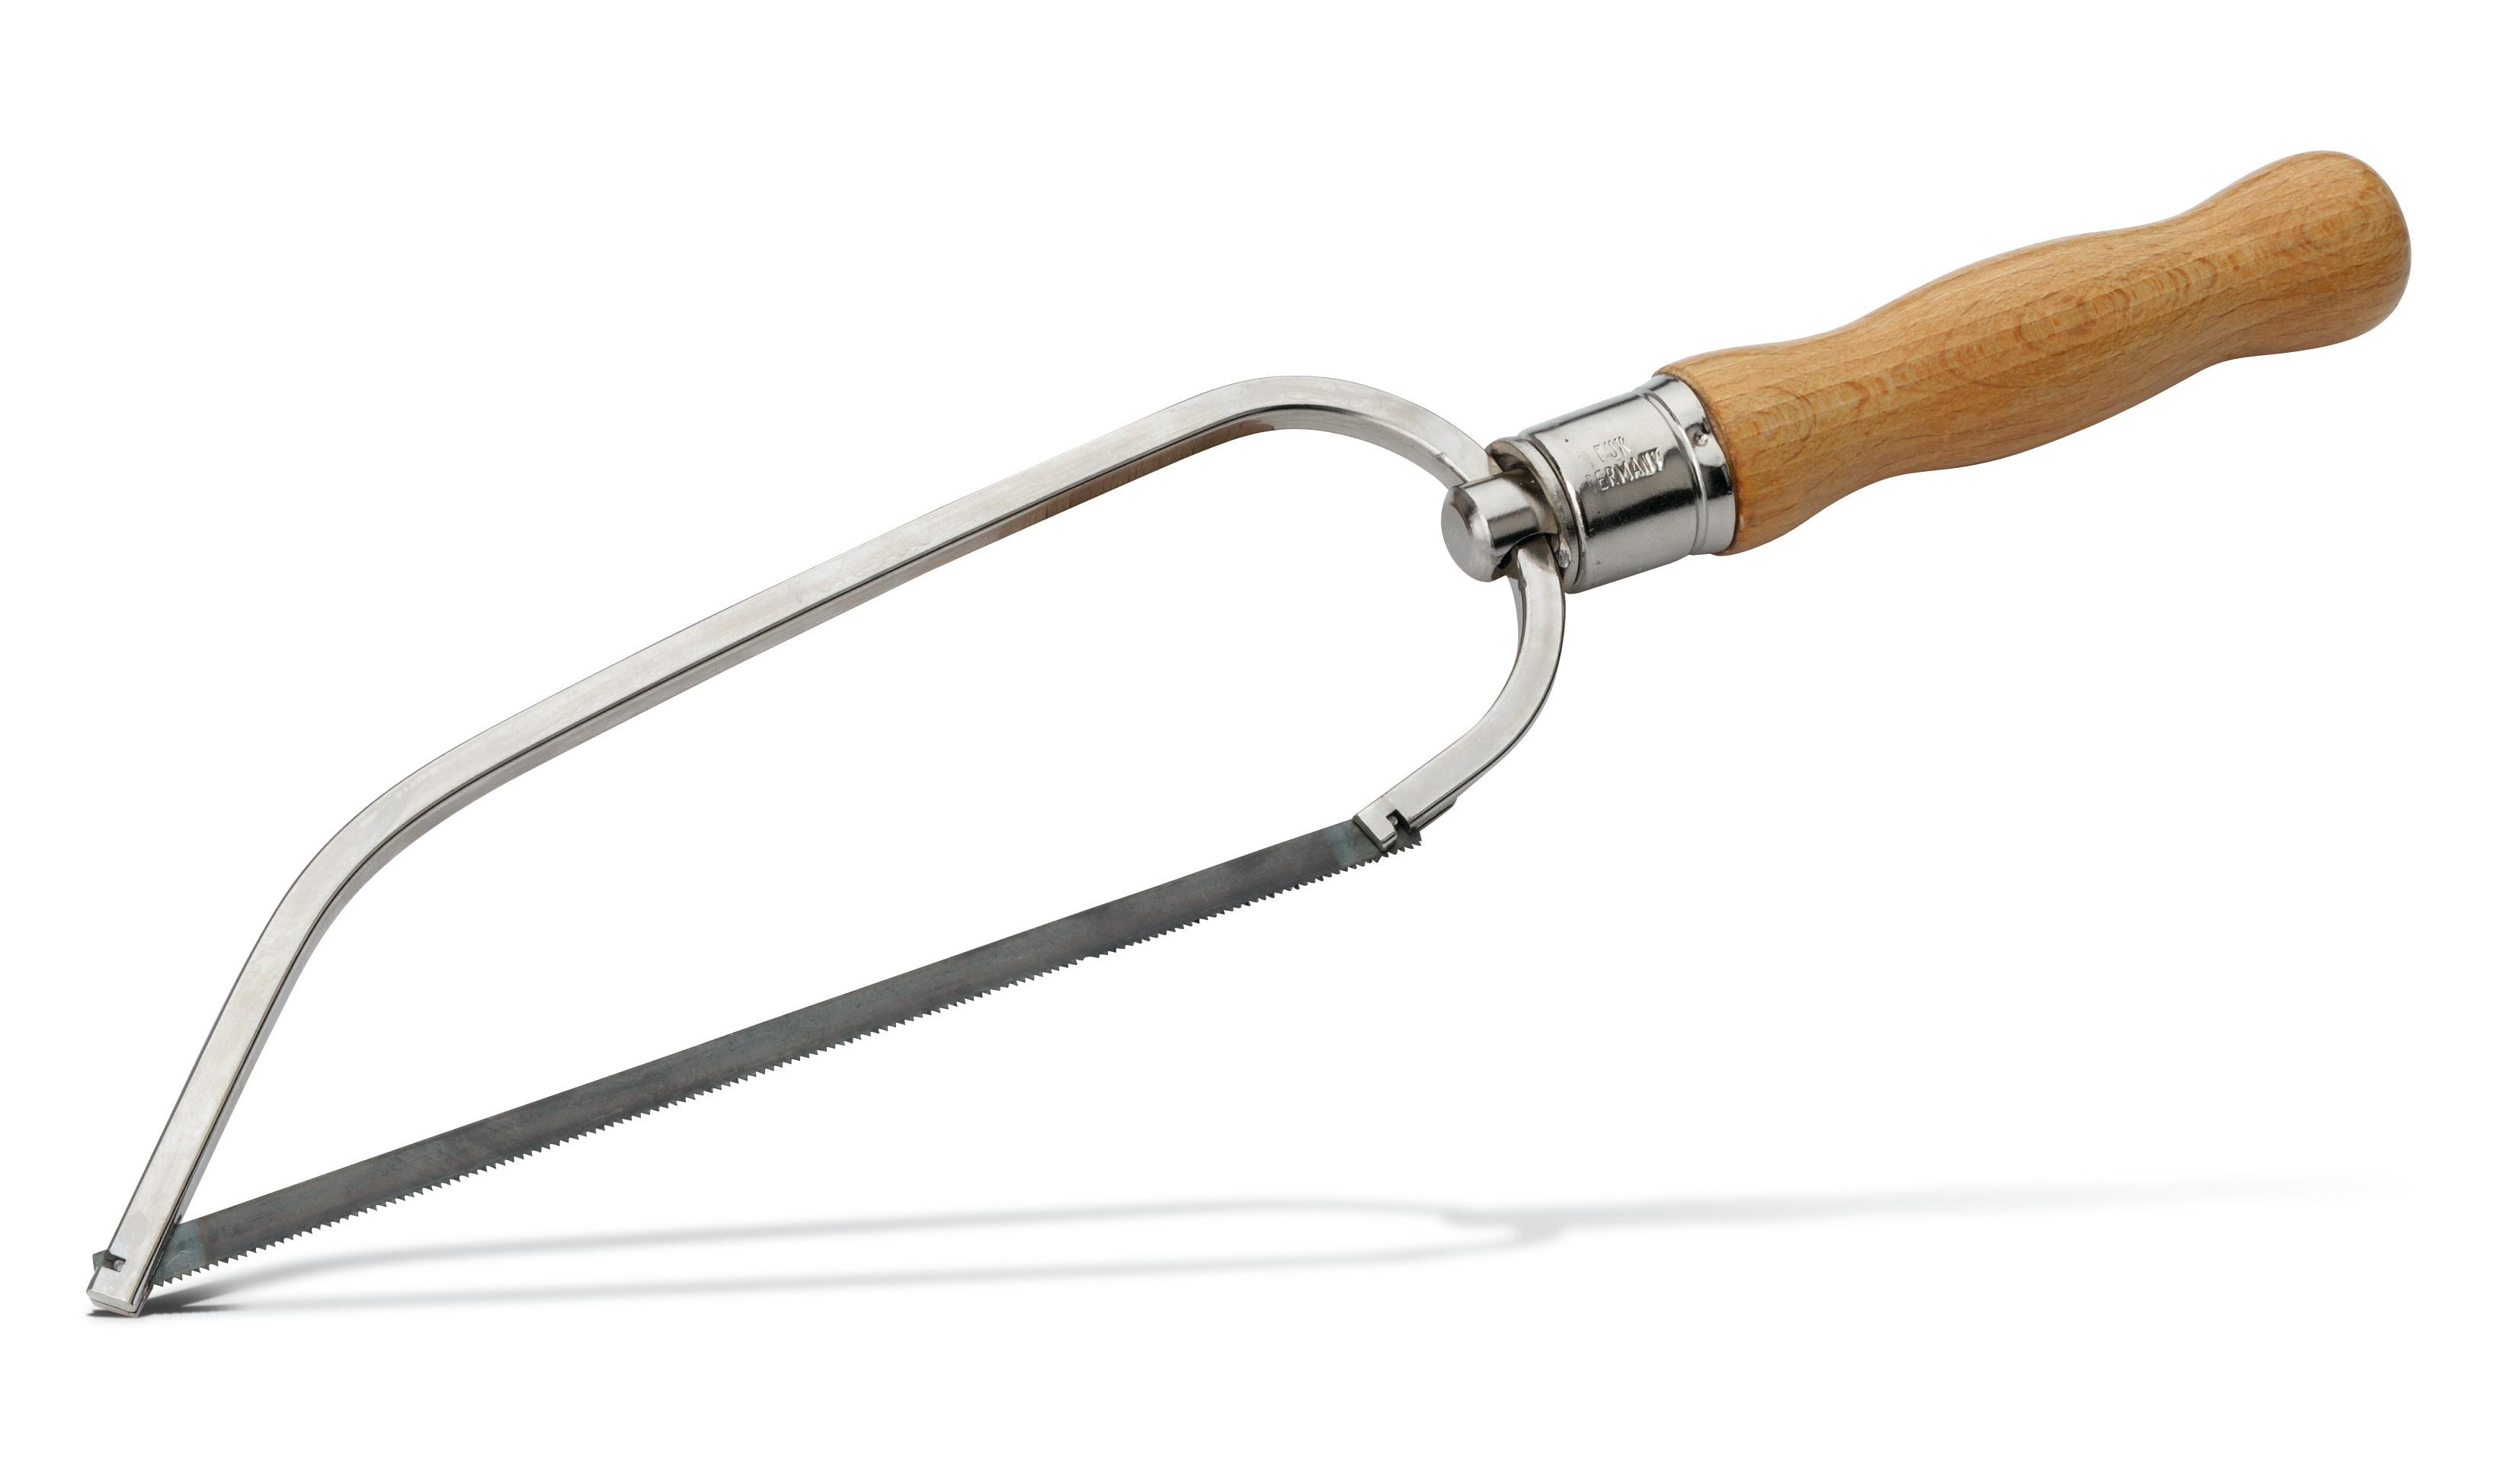 Adjustable hacksaw Spare blades for metal (no illustration) Pajarito